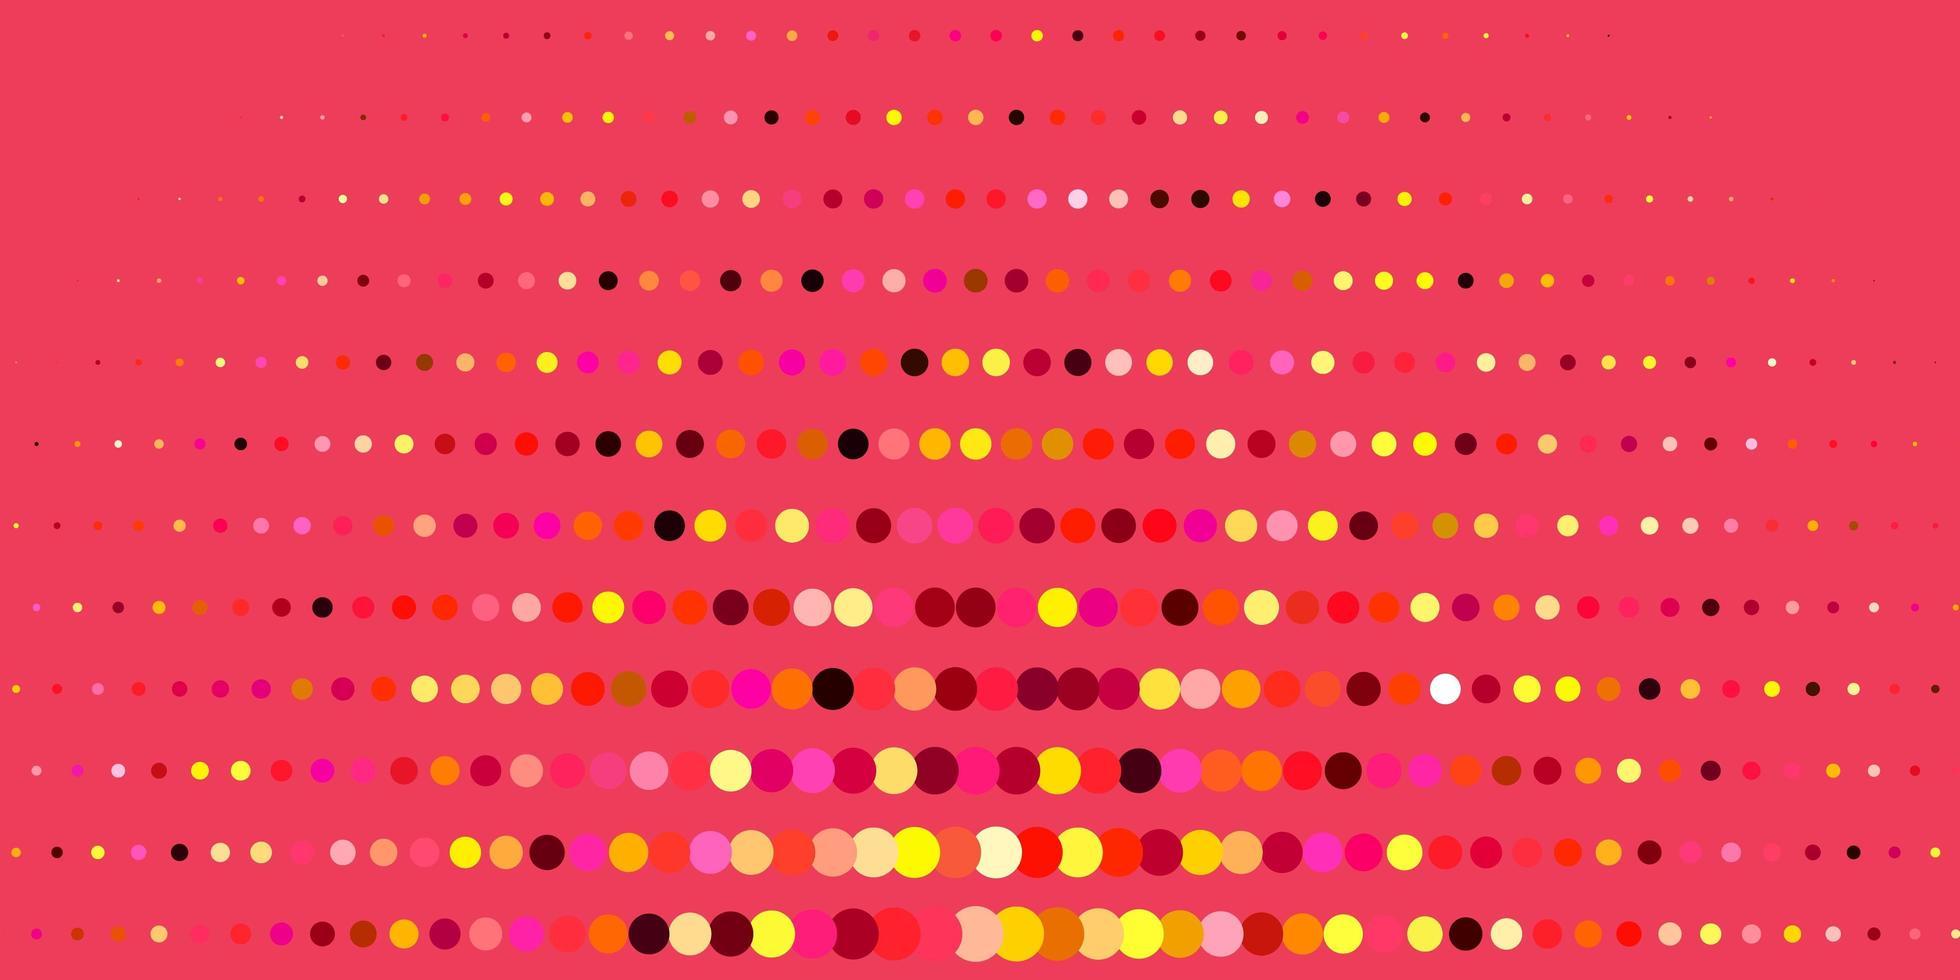 dunkelrosa, gelbe Vektorschablone mit Kreisen vektor